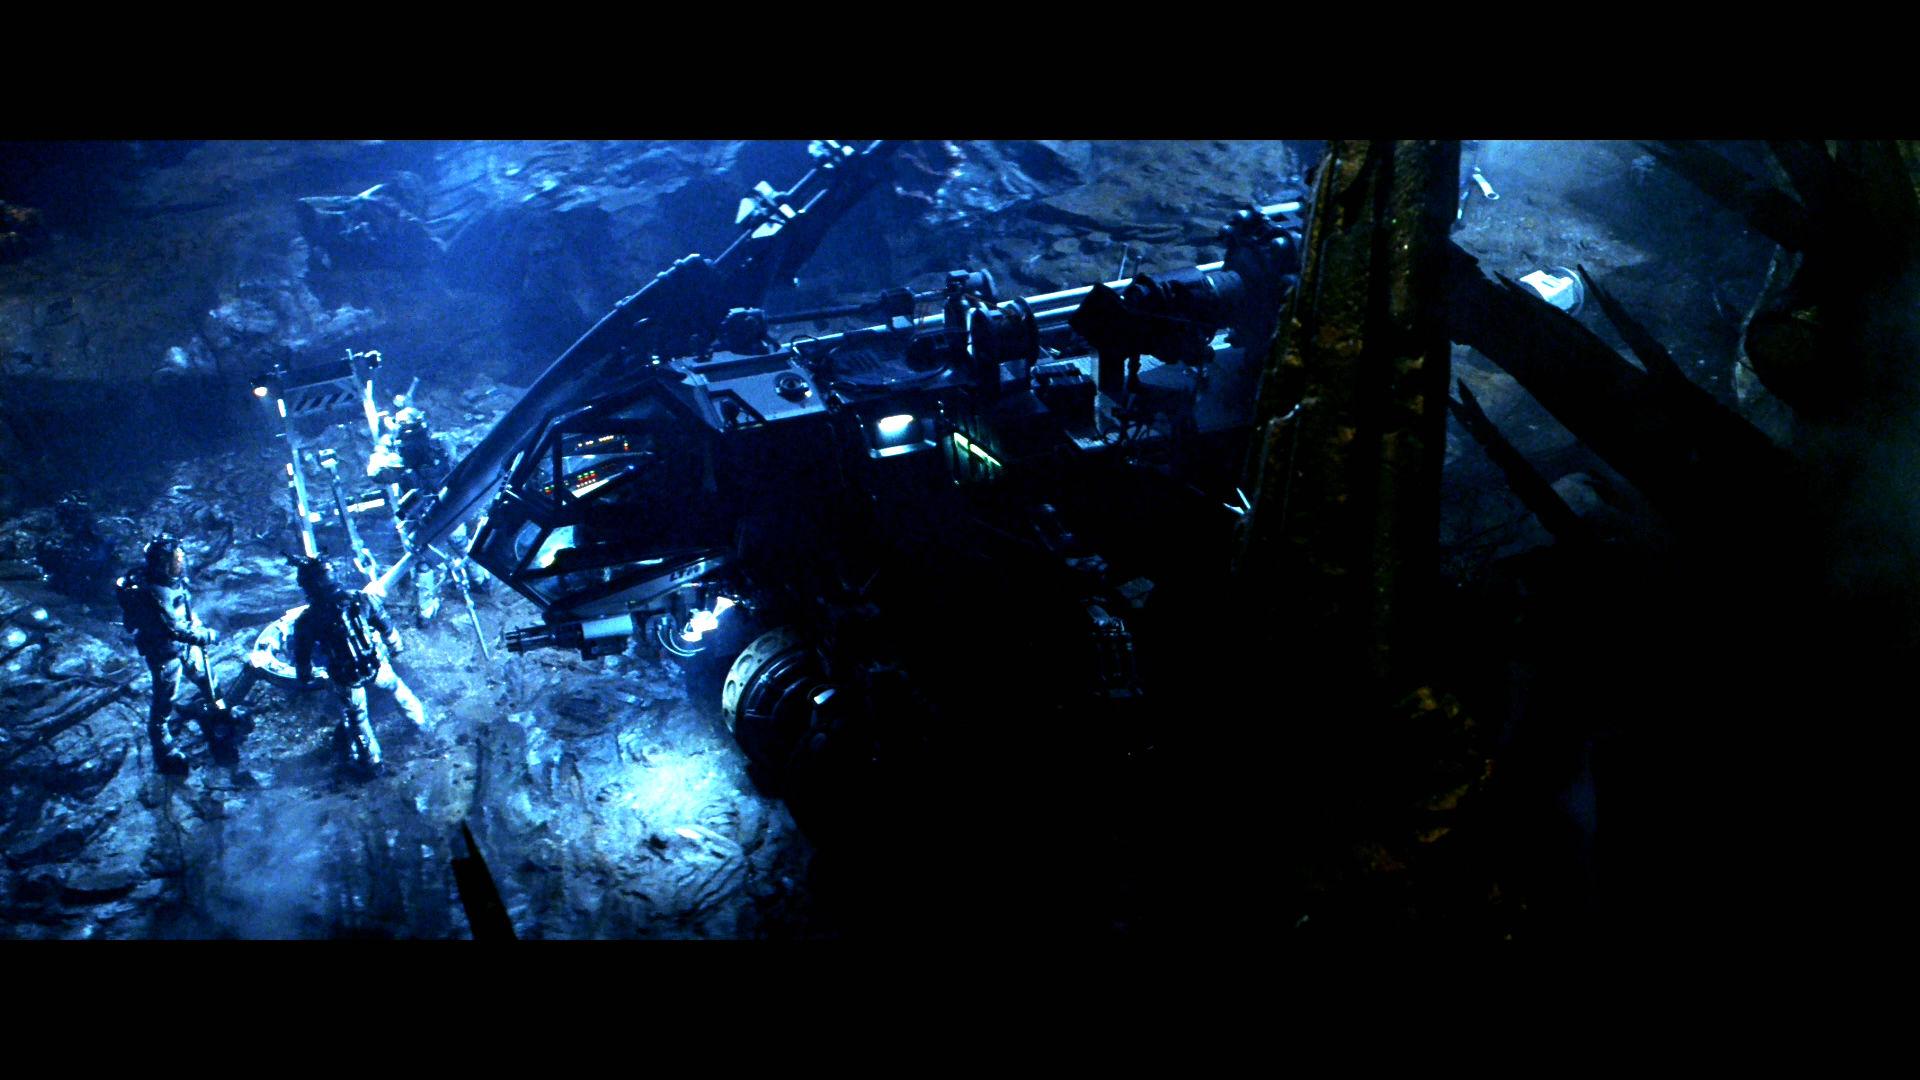 Sci fi movie themesongs